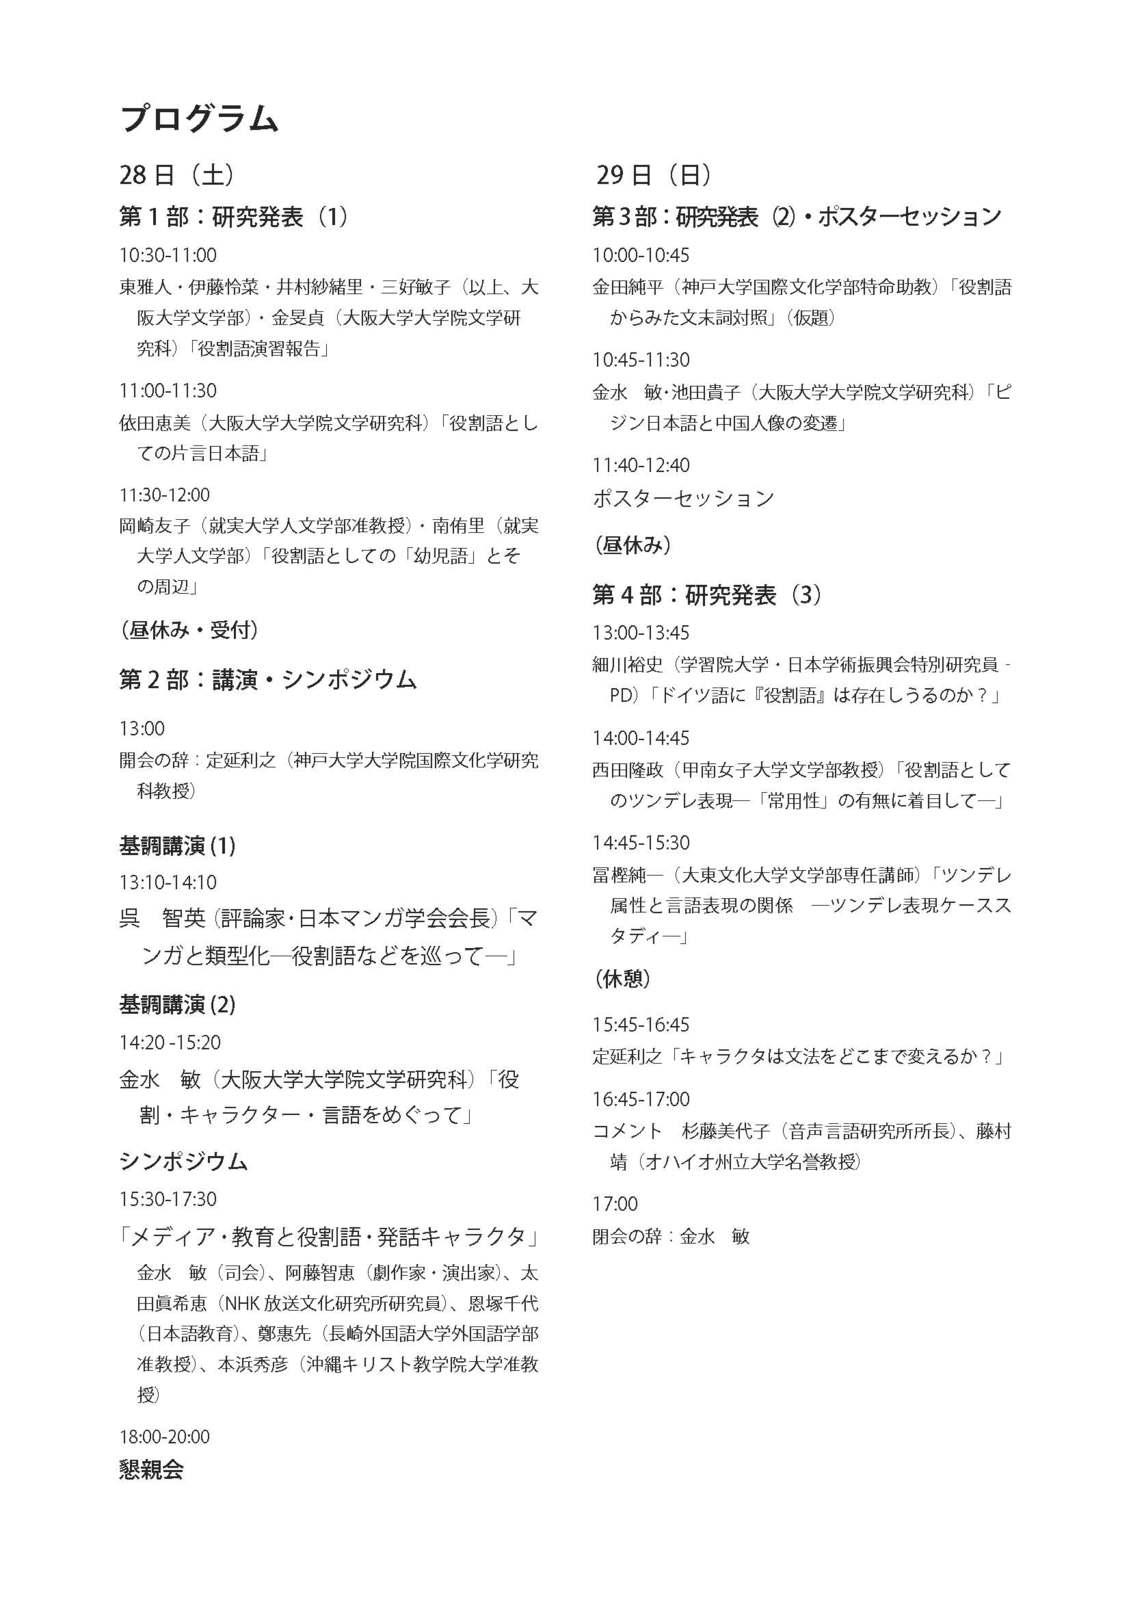 Yakuwarigo_chirashi_page2